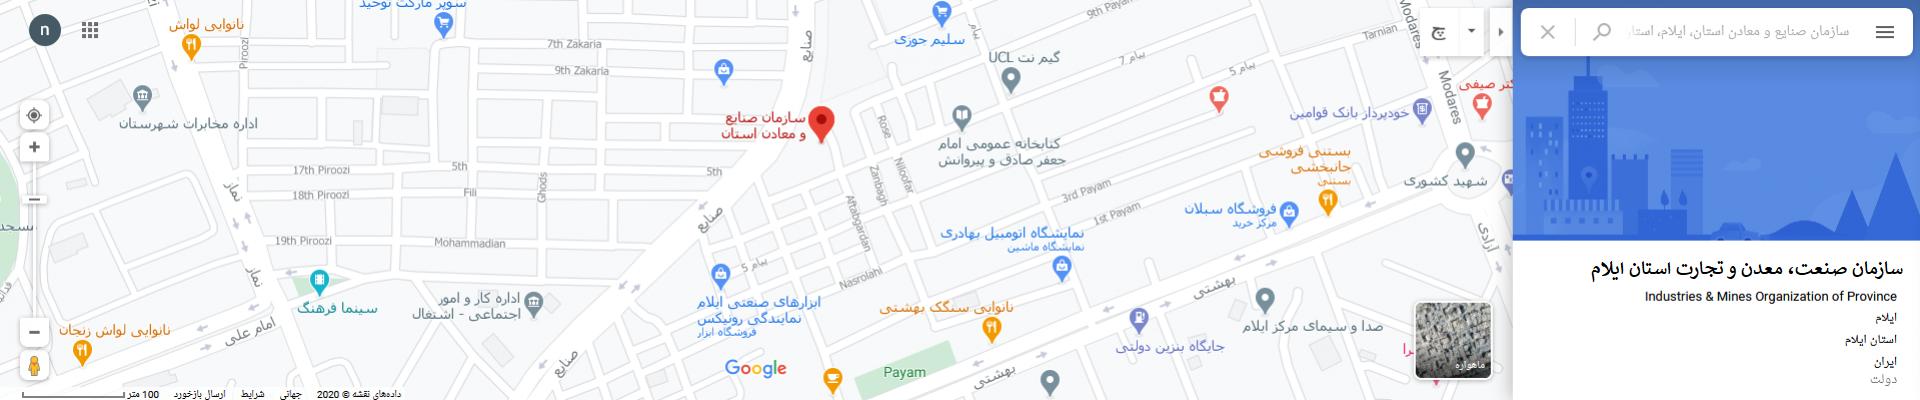 سازمان صنعت، معدن و تجارت استان ایلام